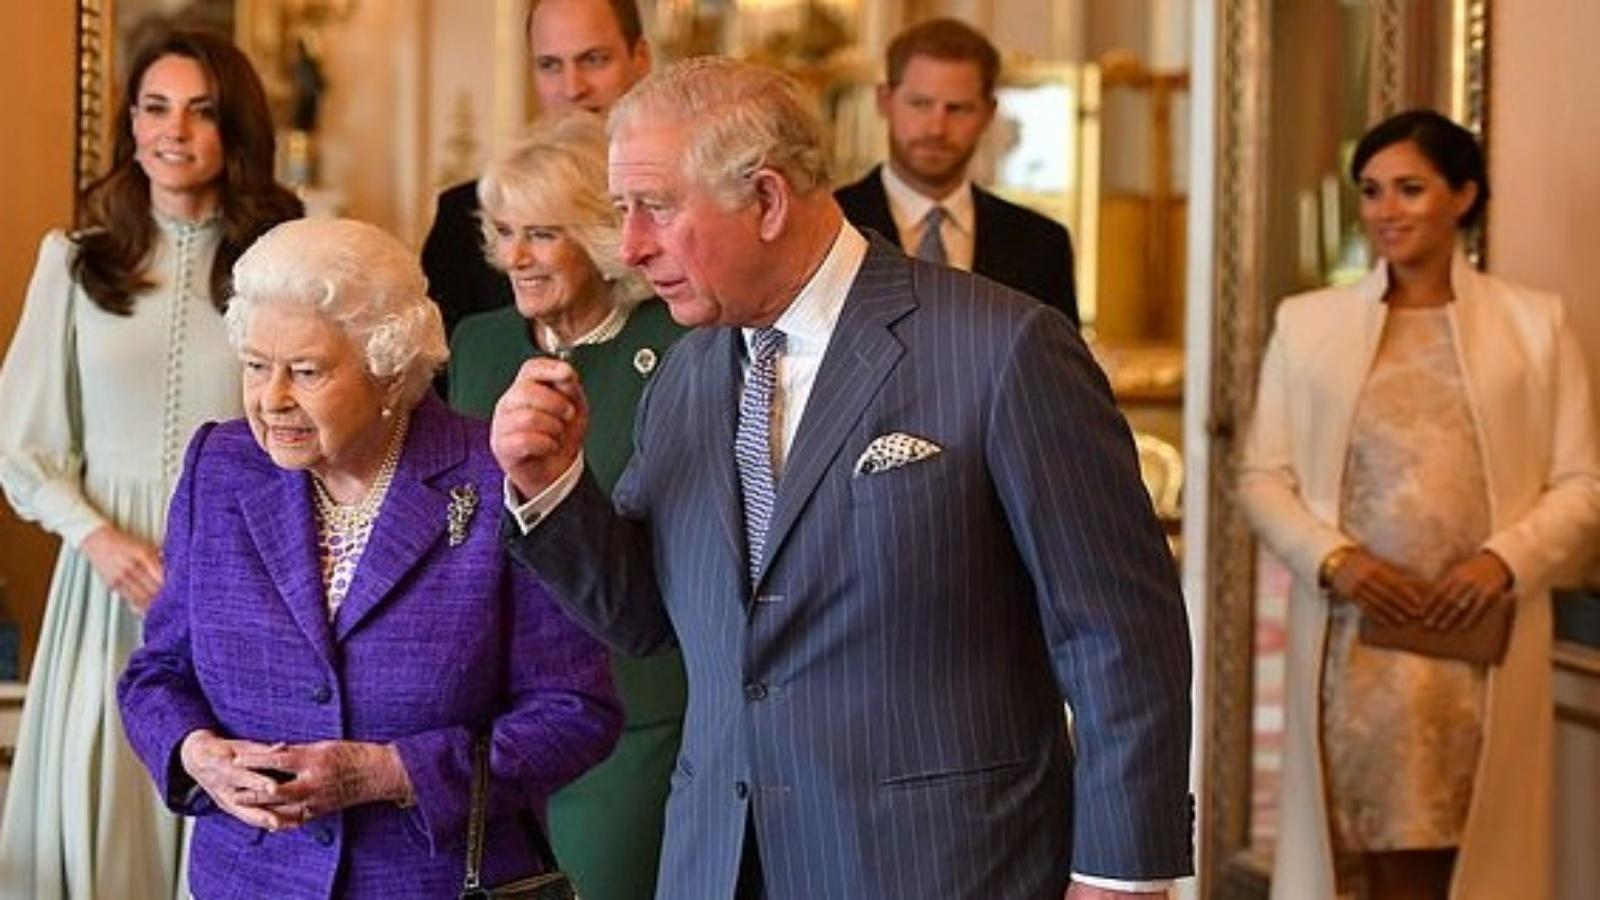 الملكة والأمير تشالز والأميران وليام وهاري والاميرتان كيت وميغان